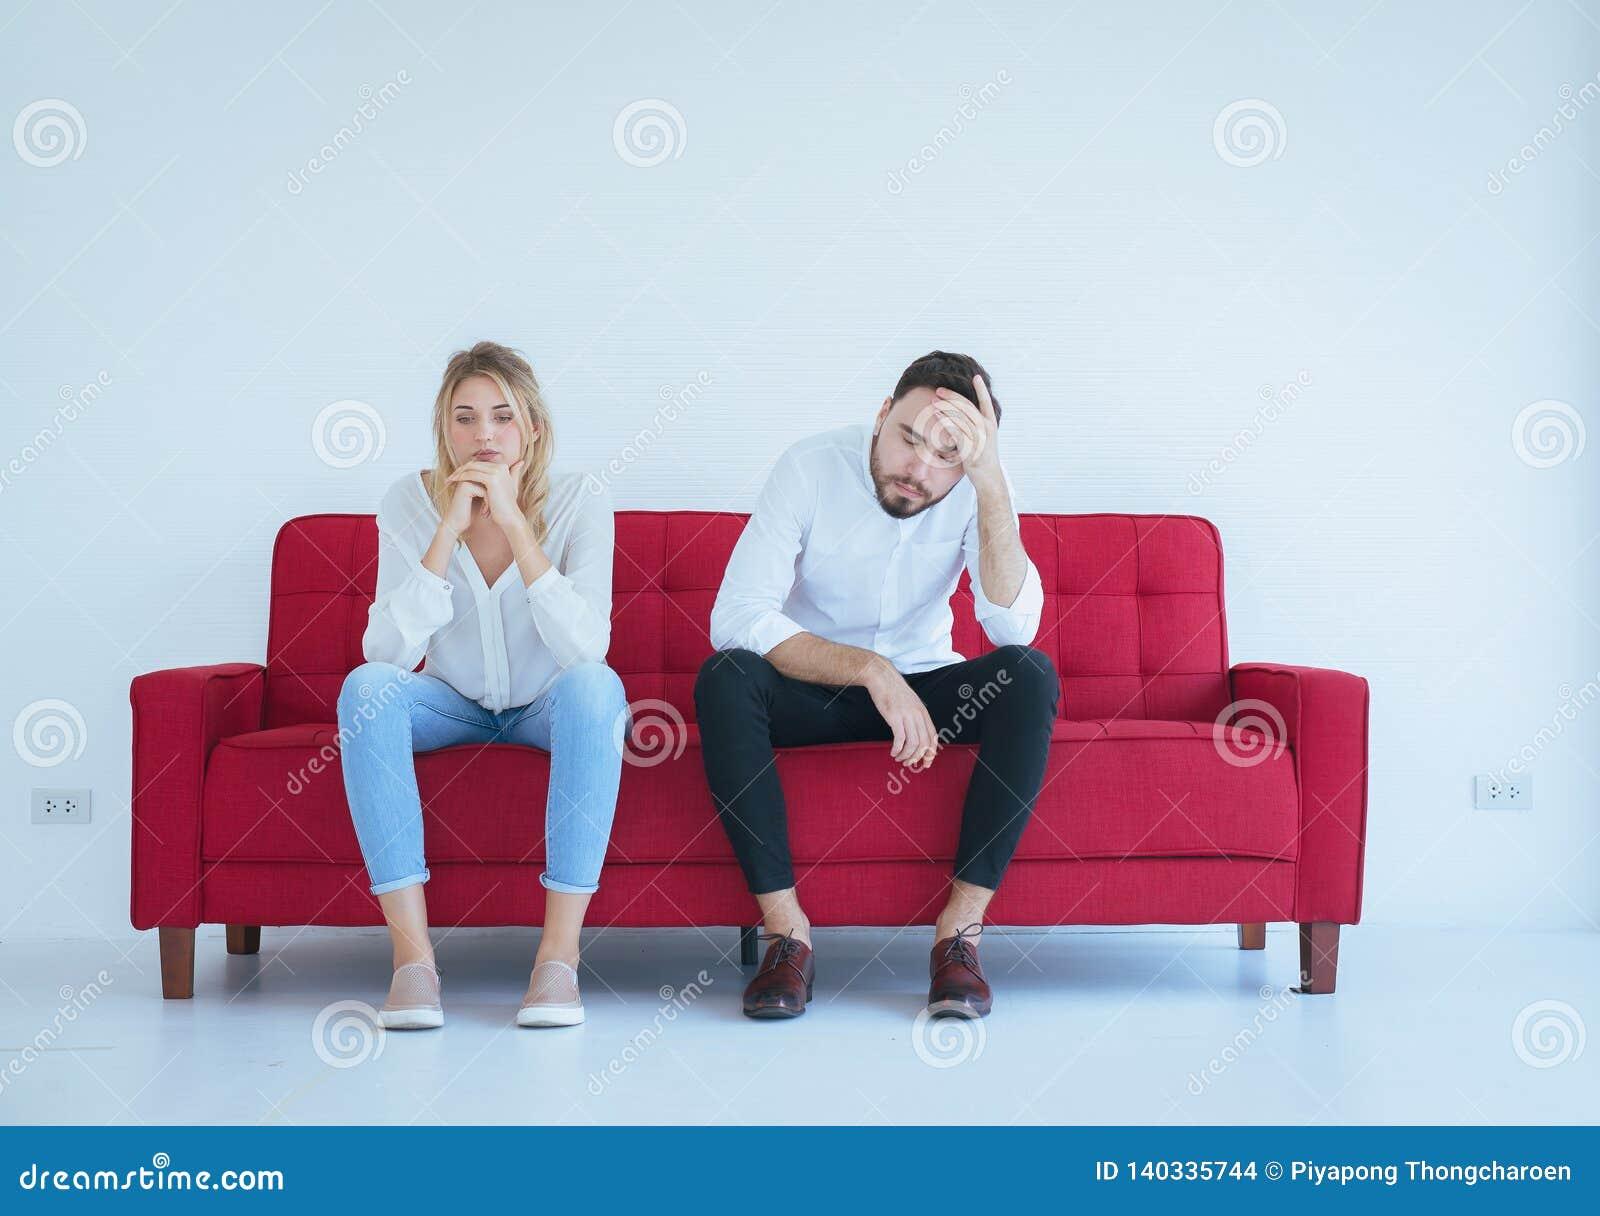 与妻子冲突和乏味的夫妇在红色沙发,消极情感的丈夫争吵,复制文本的,白色背景空间